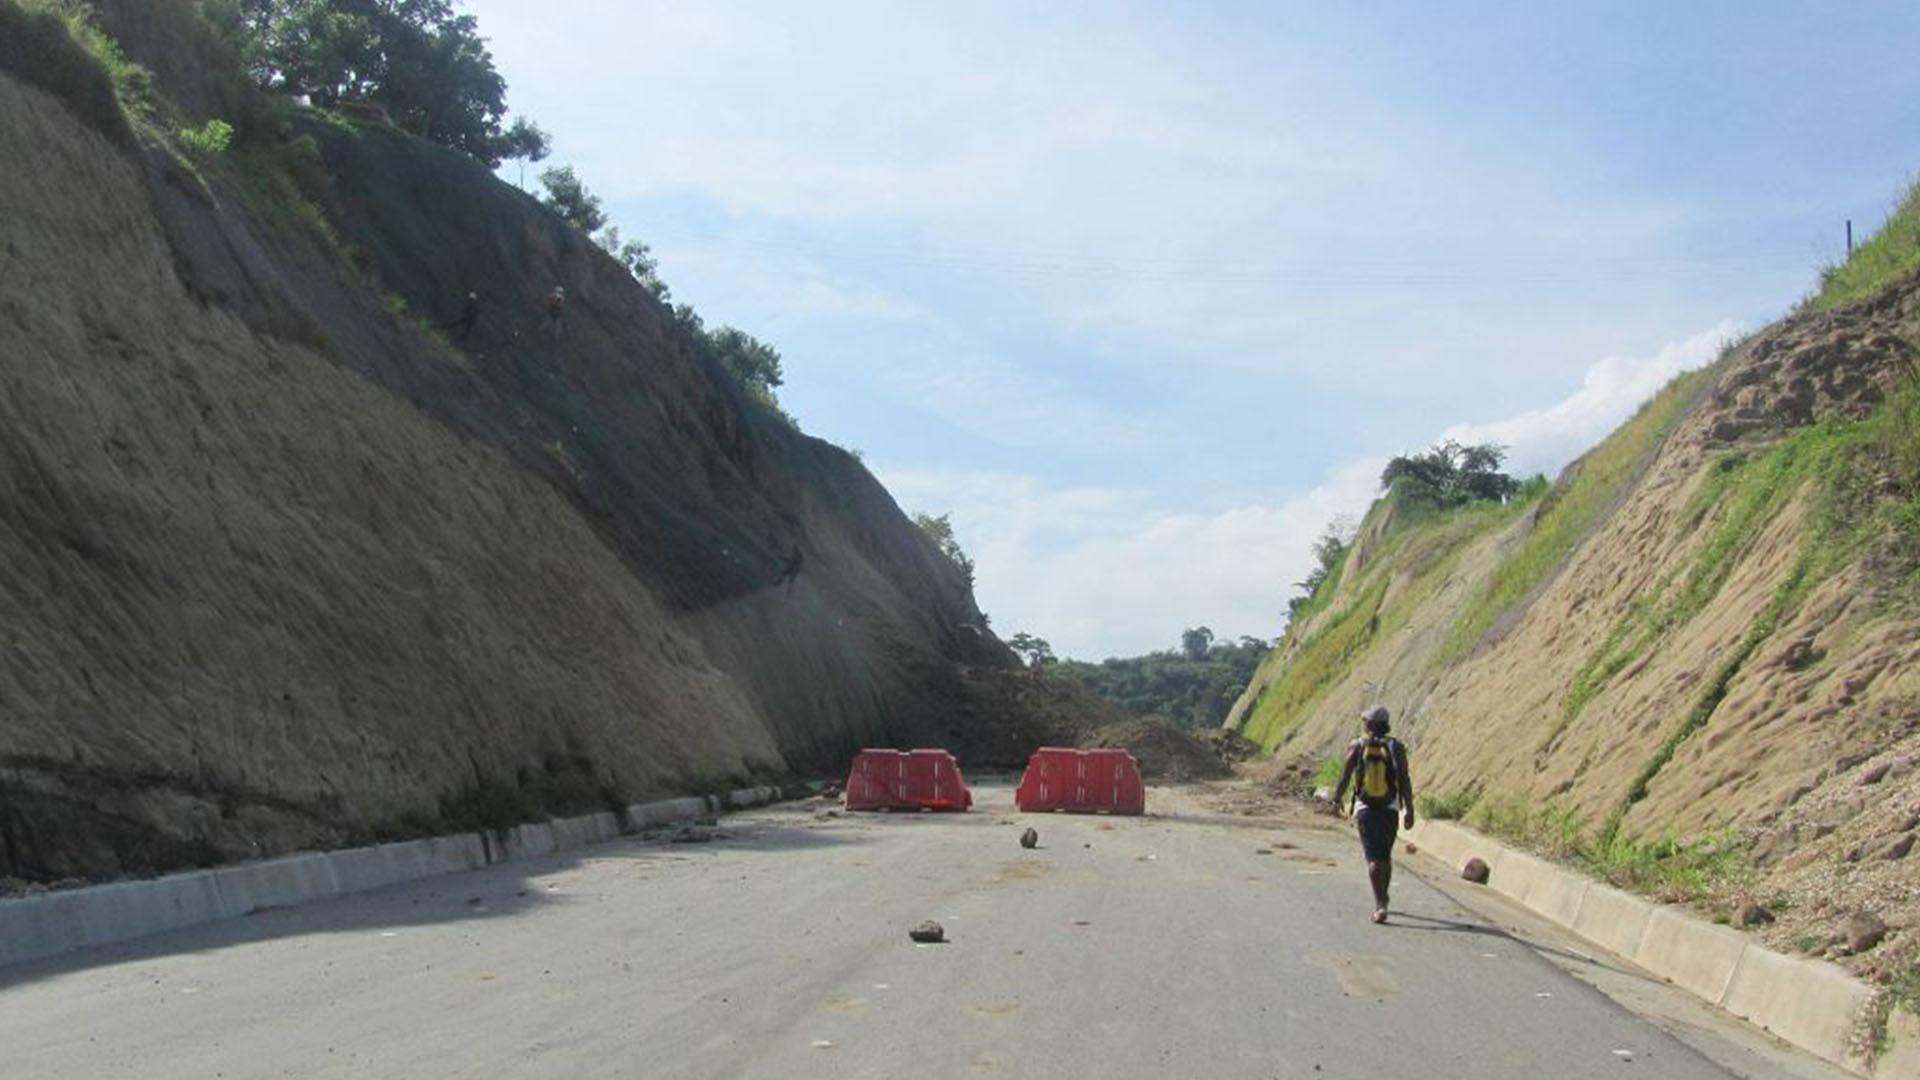 Las lluvias de los últimos días, dice la comunidad del sector, han debilitado el cerro.